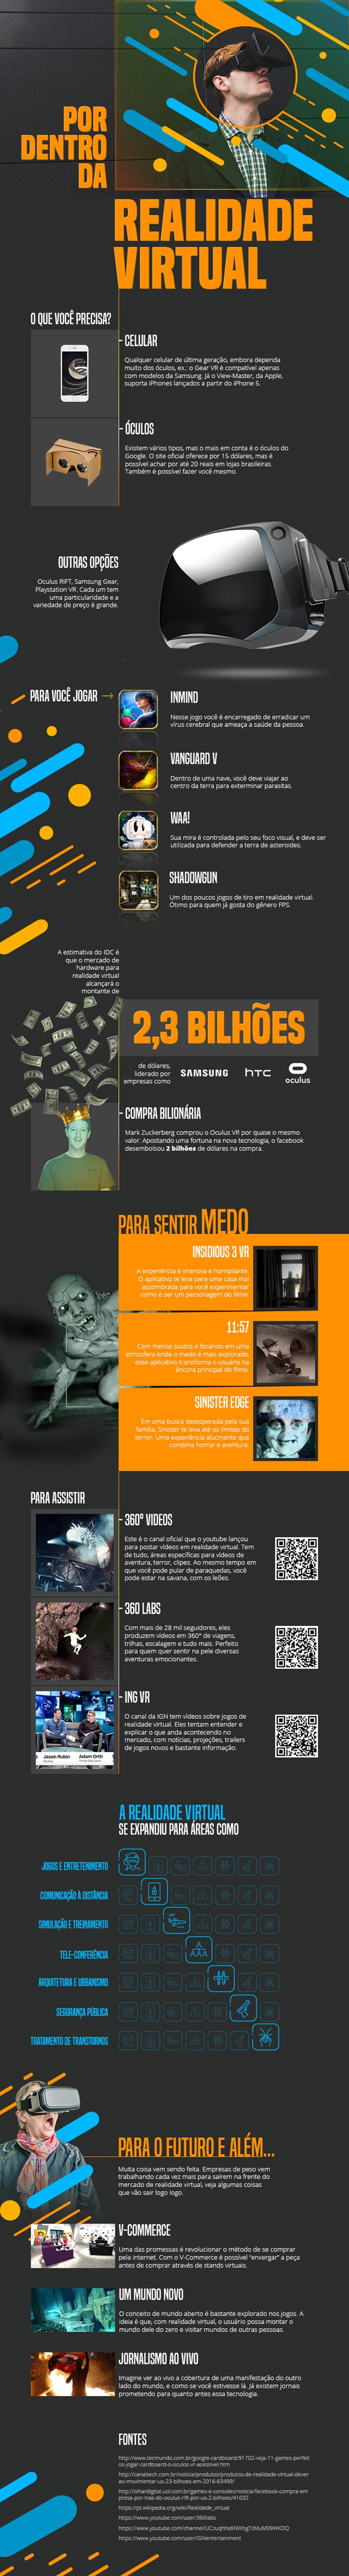 Por dentro da realidade virtual [infográfico]